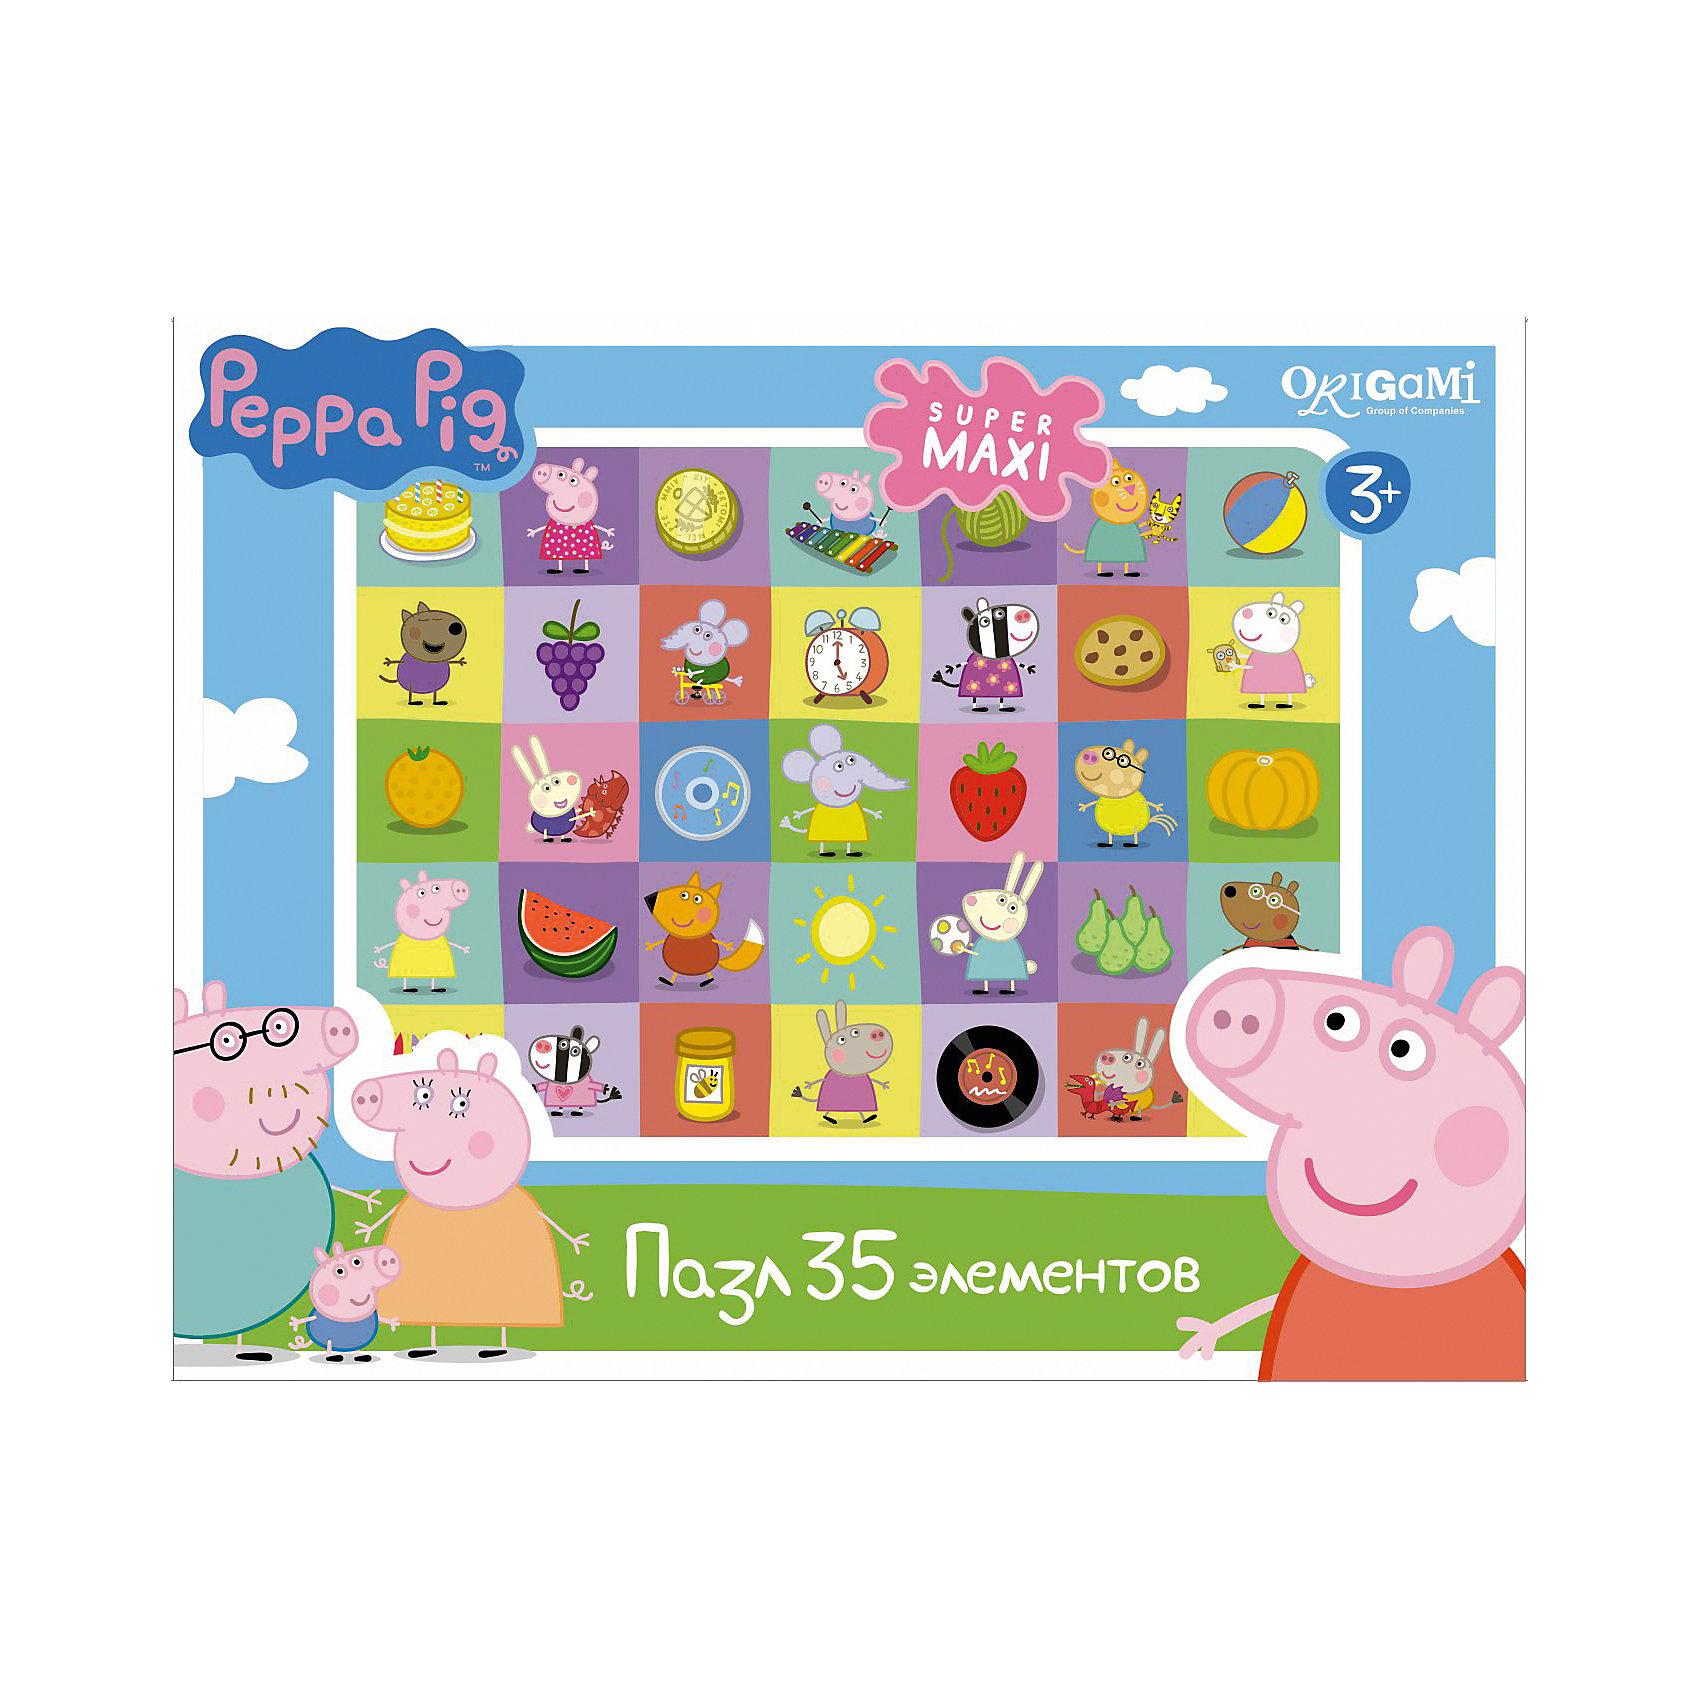 Пазл Герои и предметы, 35 деталей, Свинка Пеппа, OrigamiПазл Герои и предметы, Свинка Пеппа, Origami - увлекательный набор для творчества, который заинтересует Вашего малыша и подарит ему отличное настроение. Из деталей пазла он сможет собрать красочную картинку с изображениями любимых персонажей из популярного мультсериала Peppa Pig, а также различных предметов. Пазл отличается высоким качеством полиграфии и насыщенными цветами. Благодаря ламинированному покрытию картинка надолго сохраняет свой блеск и яркие цвета. Плотный картон не дает деталям мяться и обеспечивает надежное соединение. Собирание пазла способствует развитию логического и пространственного мышления, внимания, мелкой моторики и координации движений.<br><br>Дополнительная информация:<br><br>- Материал: картон. <br>- Количество деталей: 35.<br>- Размер собранной картинки: 33 х 47 см.<br>- Размер упаковки: 23 x 18 x 5 см.<br>- Вес: 226 гр.<br> <br>Пазл Герои и предметы, 35 деталей, Свинка Пеппа, Origami, можно купить в нашем интернет-магазине.<br><br>Ширина мм: 230<br>Глубина мм: 50<br>Высота мм: 180<br>Вес г: 226<br>Возраст от месяцев: 36<br>Возраст до месяцев: 96<br>Пол: Унисекс<br>Возраст: Детский<br>SKU: 4614939